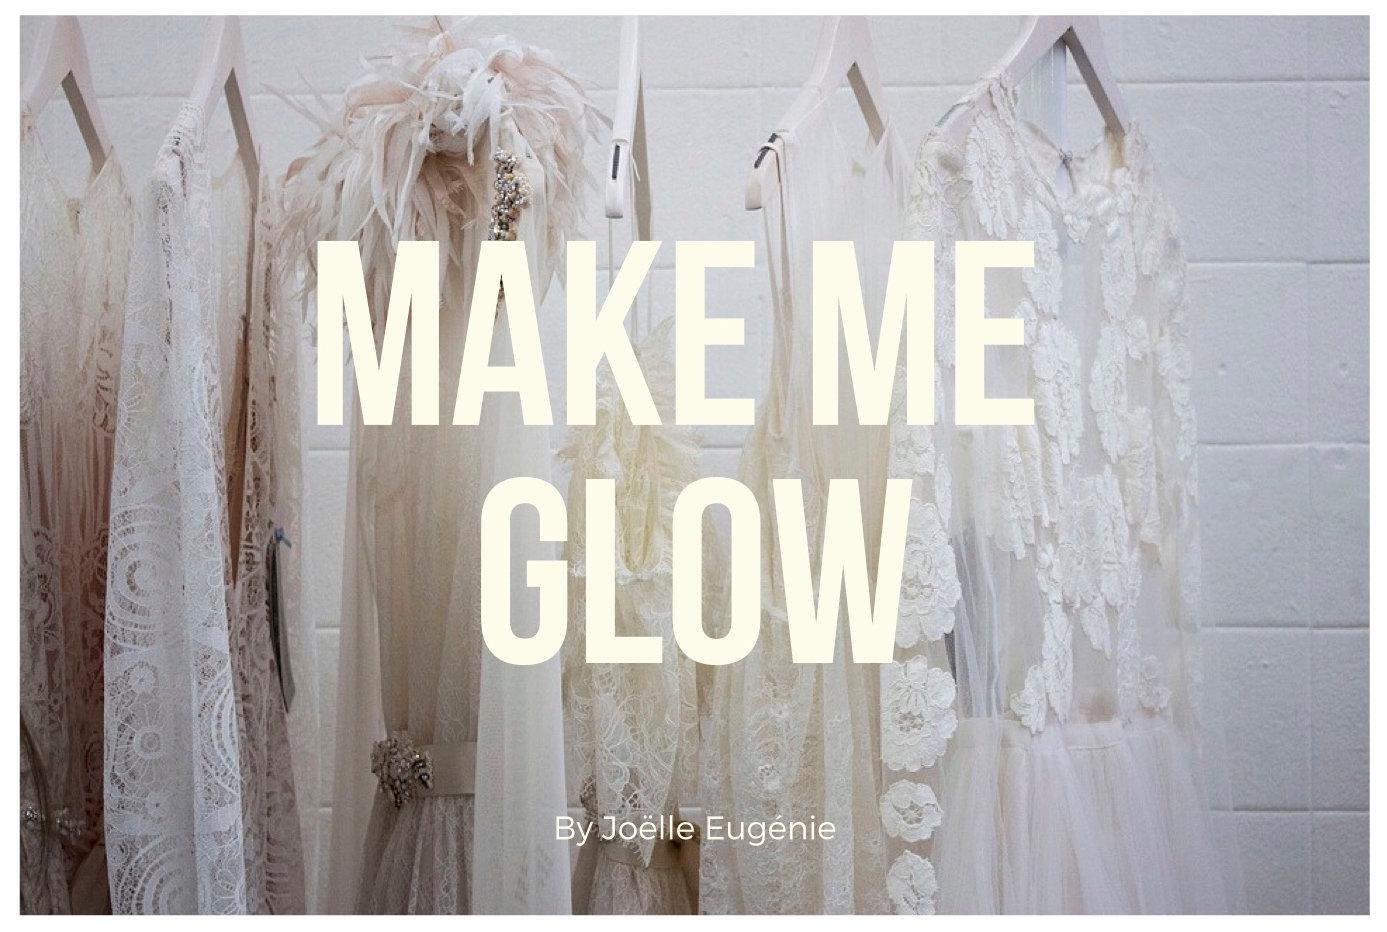 Make MeGlow